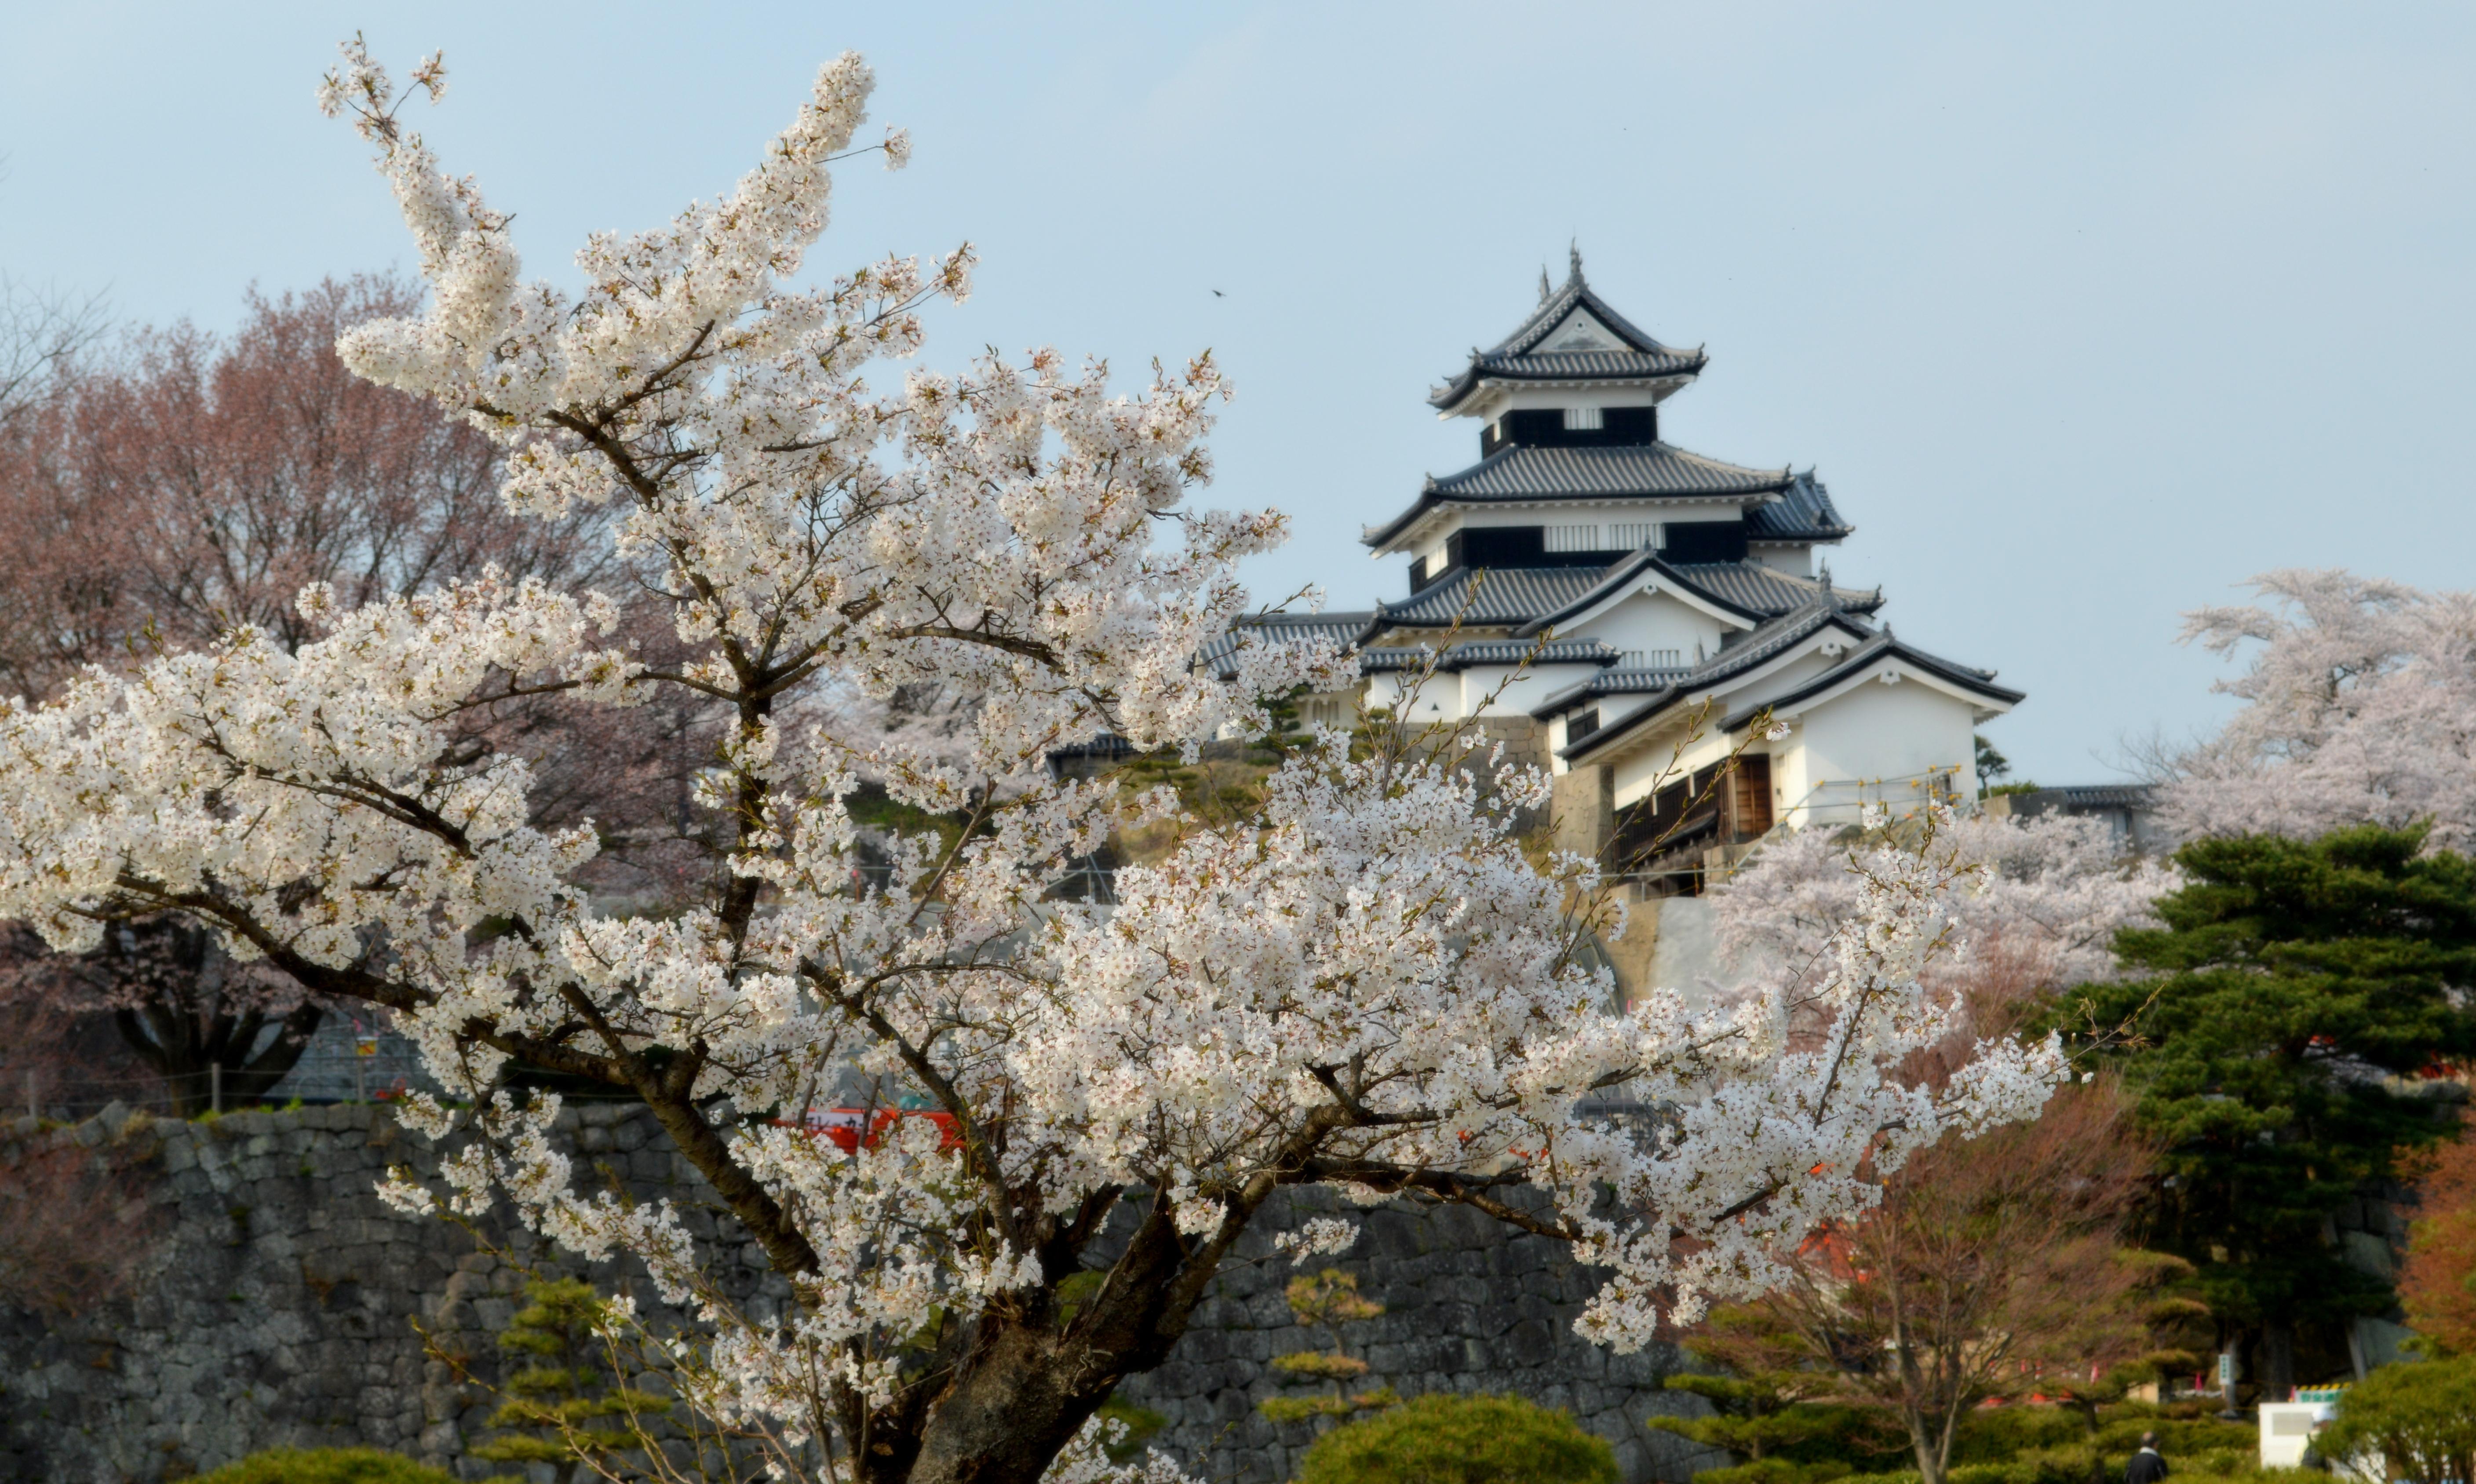 白河市小峰城の修復中の桜